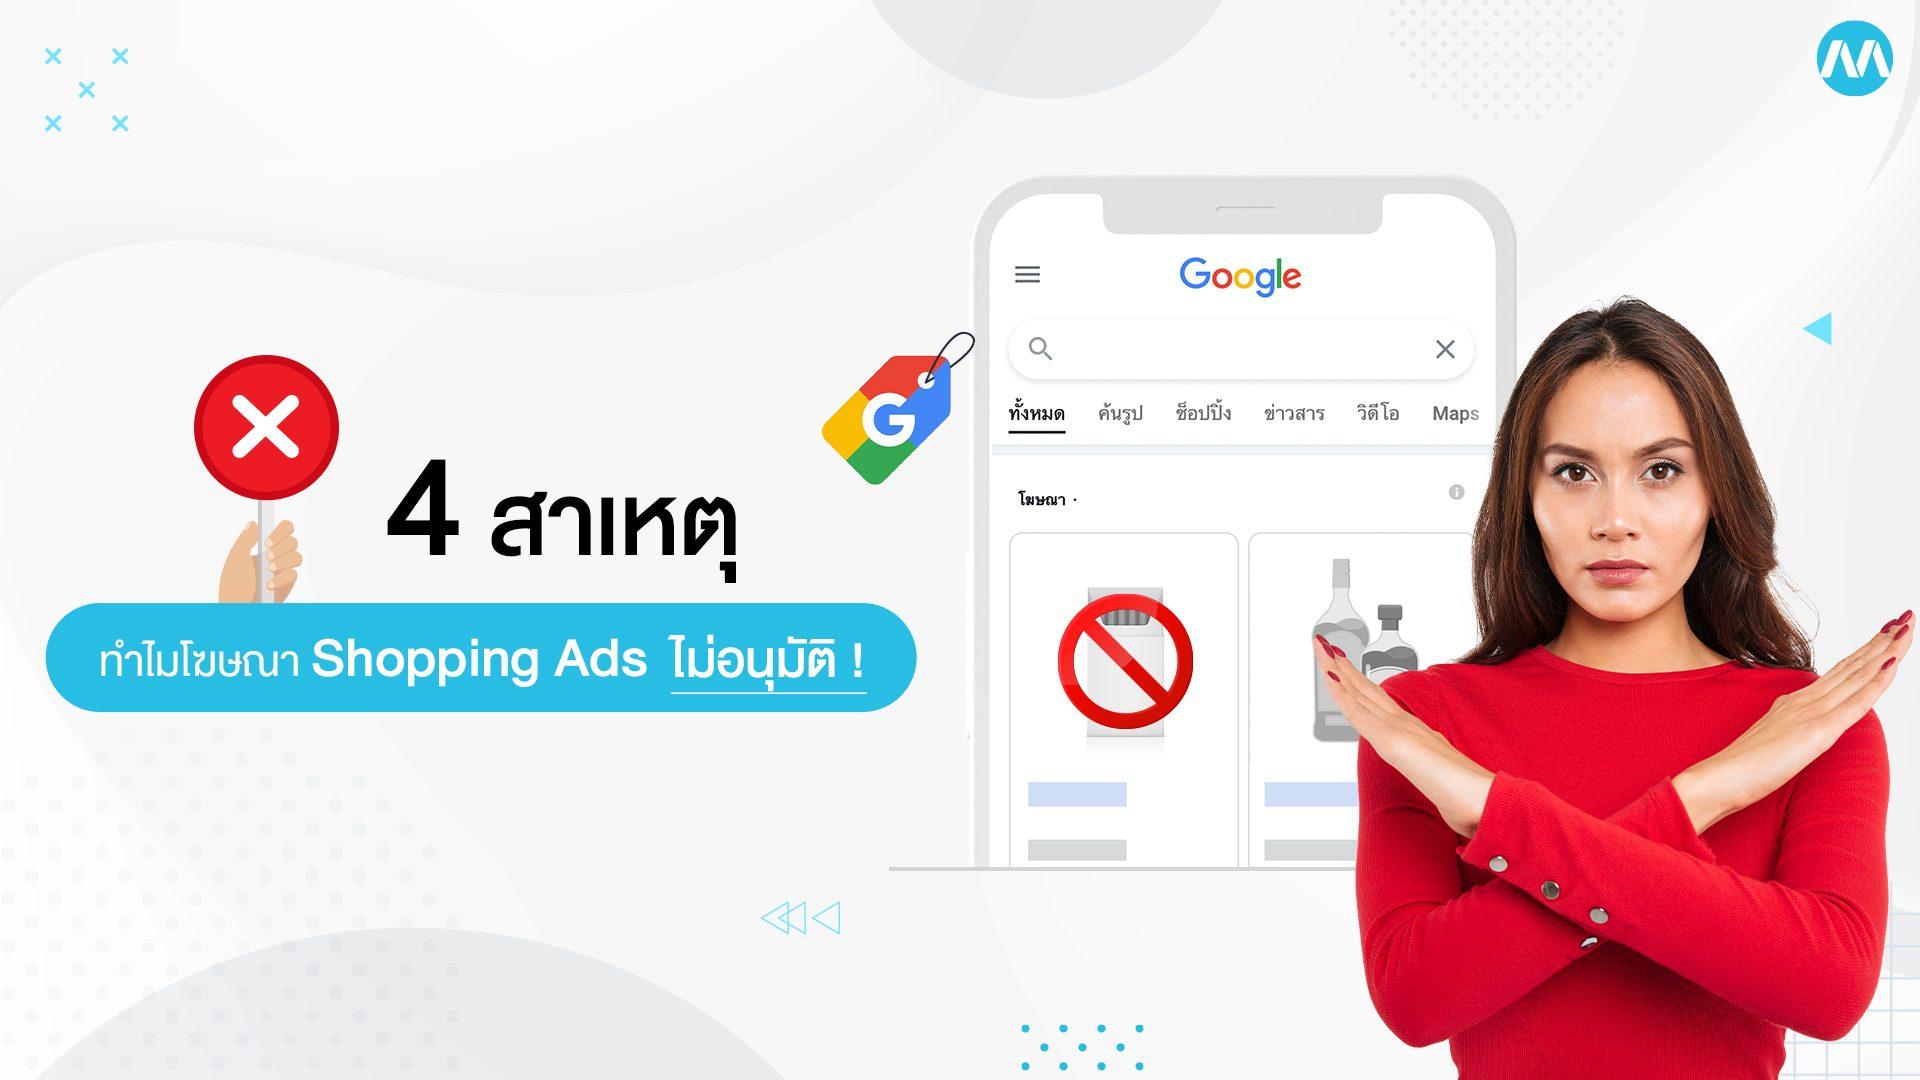 4 สาเหตุ ทำไมโฆษณา Shopping Ads ไม่อนุมัติ !